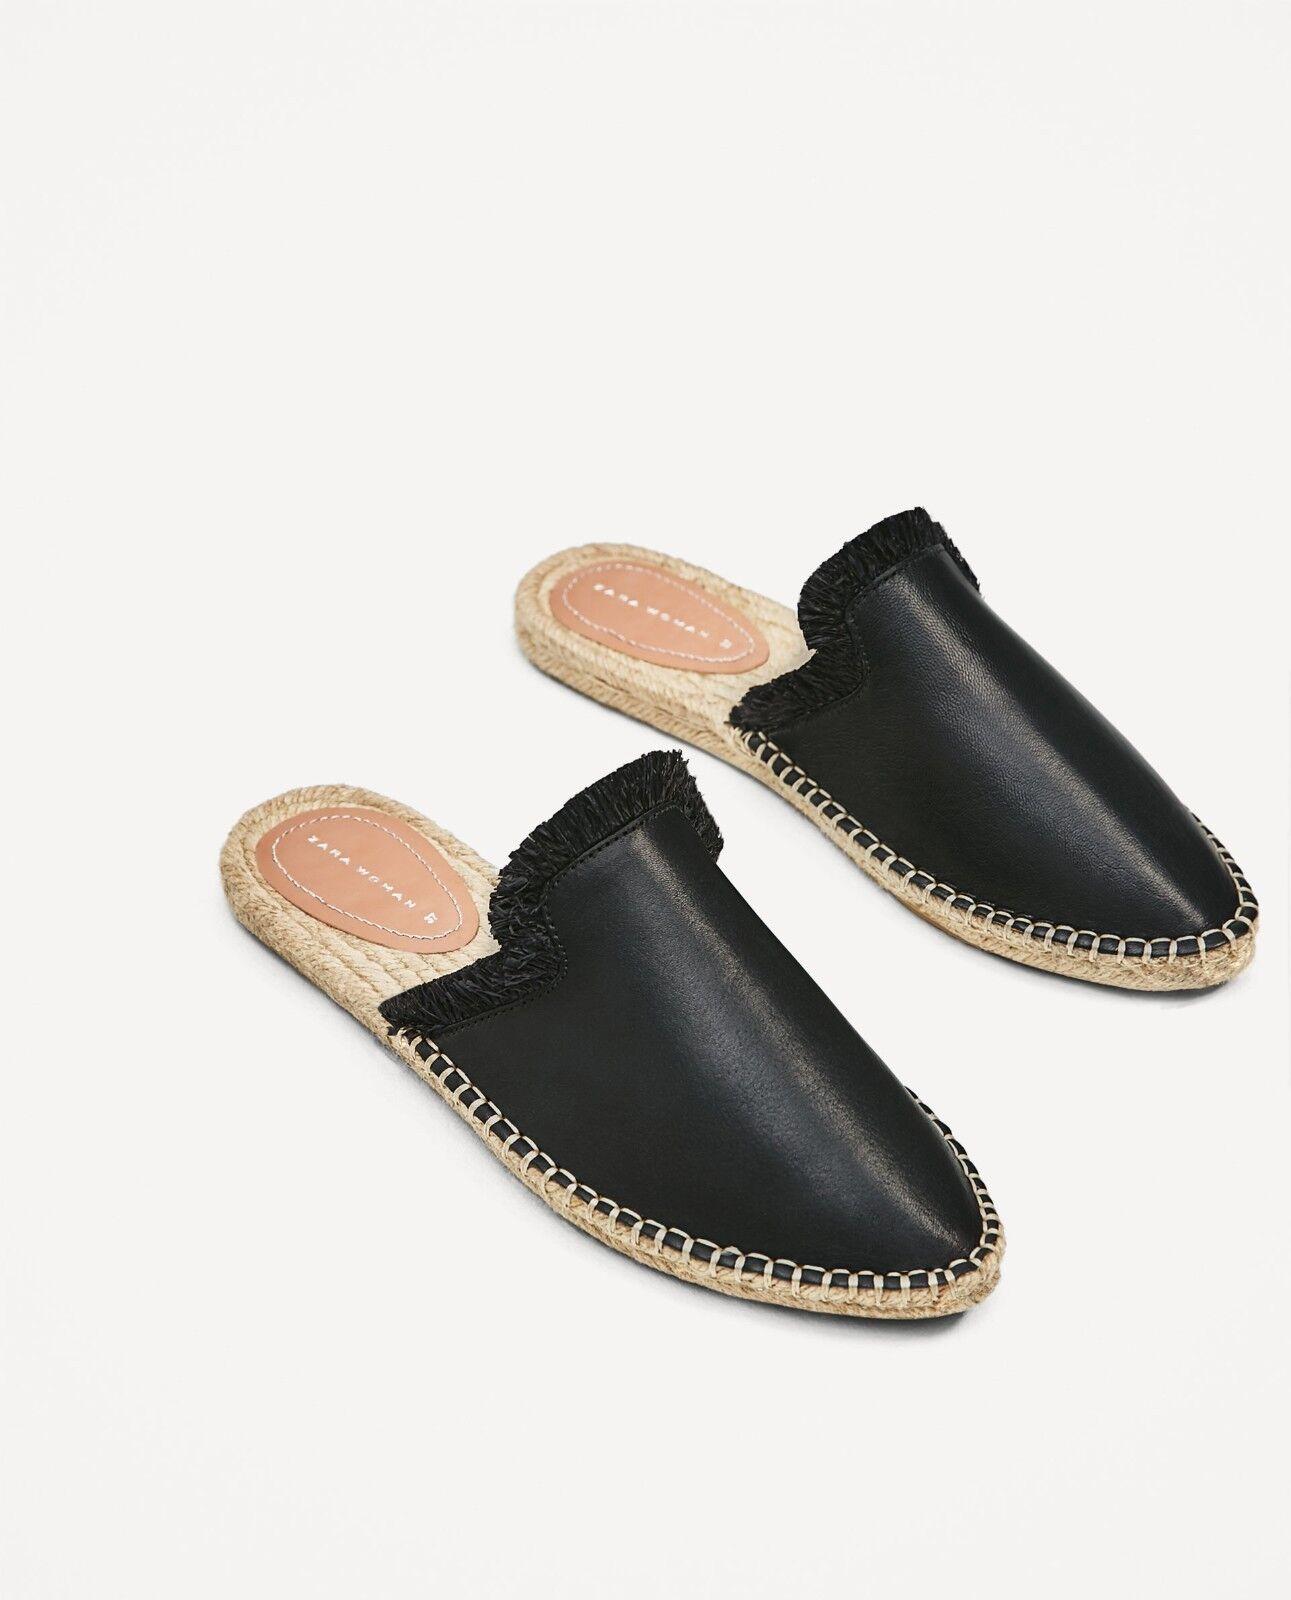 Nuevo Nuevo Nuevo Con Etiquetas Zara diapositivas de Cuero Negro Zapatos Alpargatas tamaño mulas EUR 41 US 10  entrega gratis